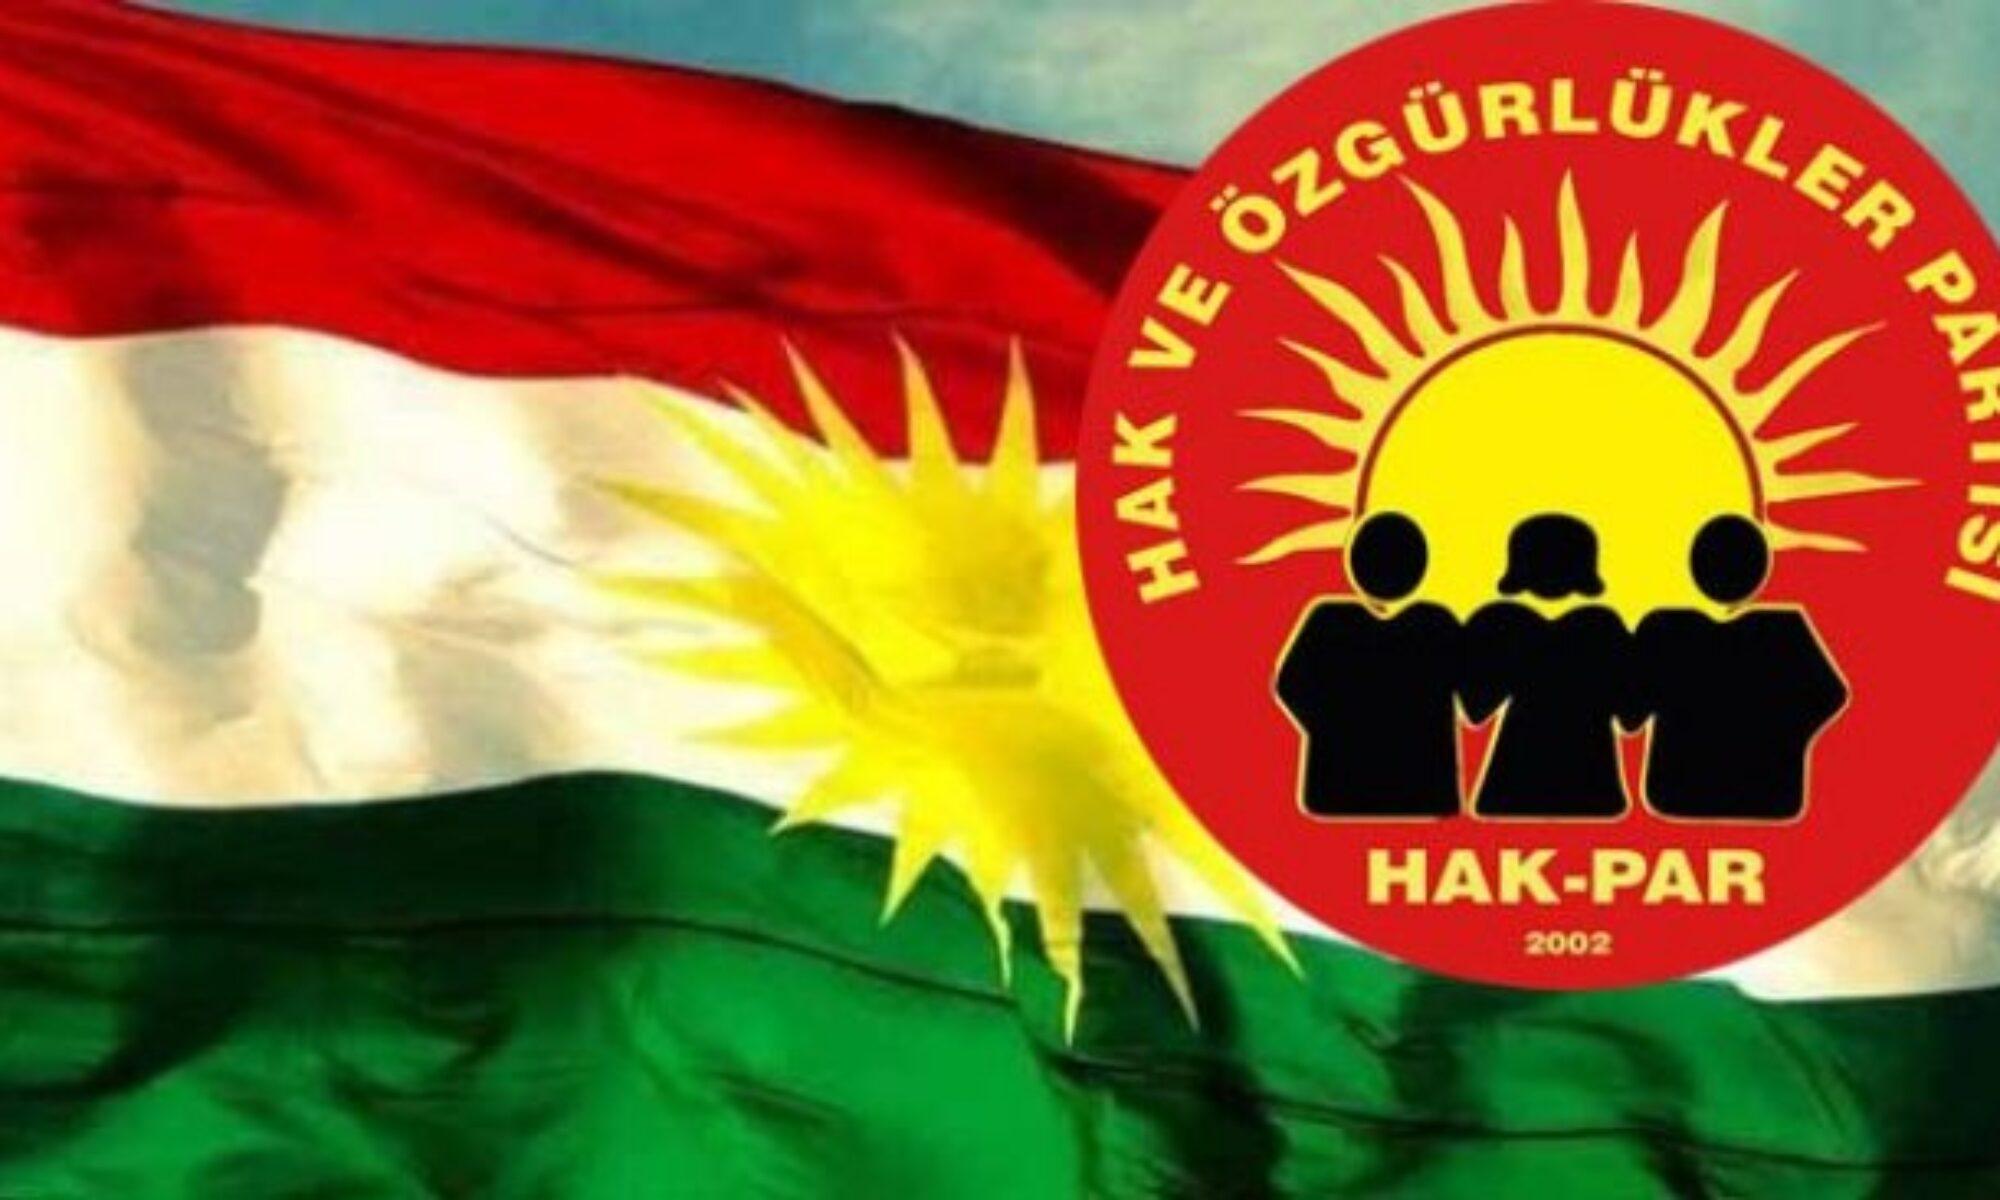 HAK-PAR'dan Erbil'e atılıan füzelere dönük yorum: Kürd karşıtı nizamın piyonları ise Güney Kürdistan'daki meşru statüyü yok etmek için hareket halindedirler